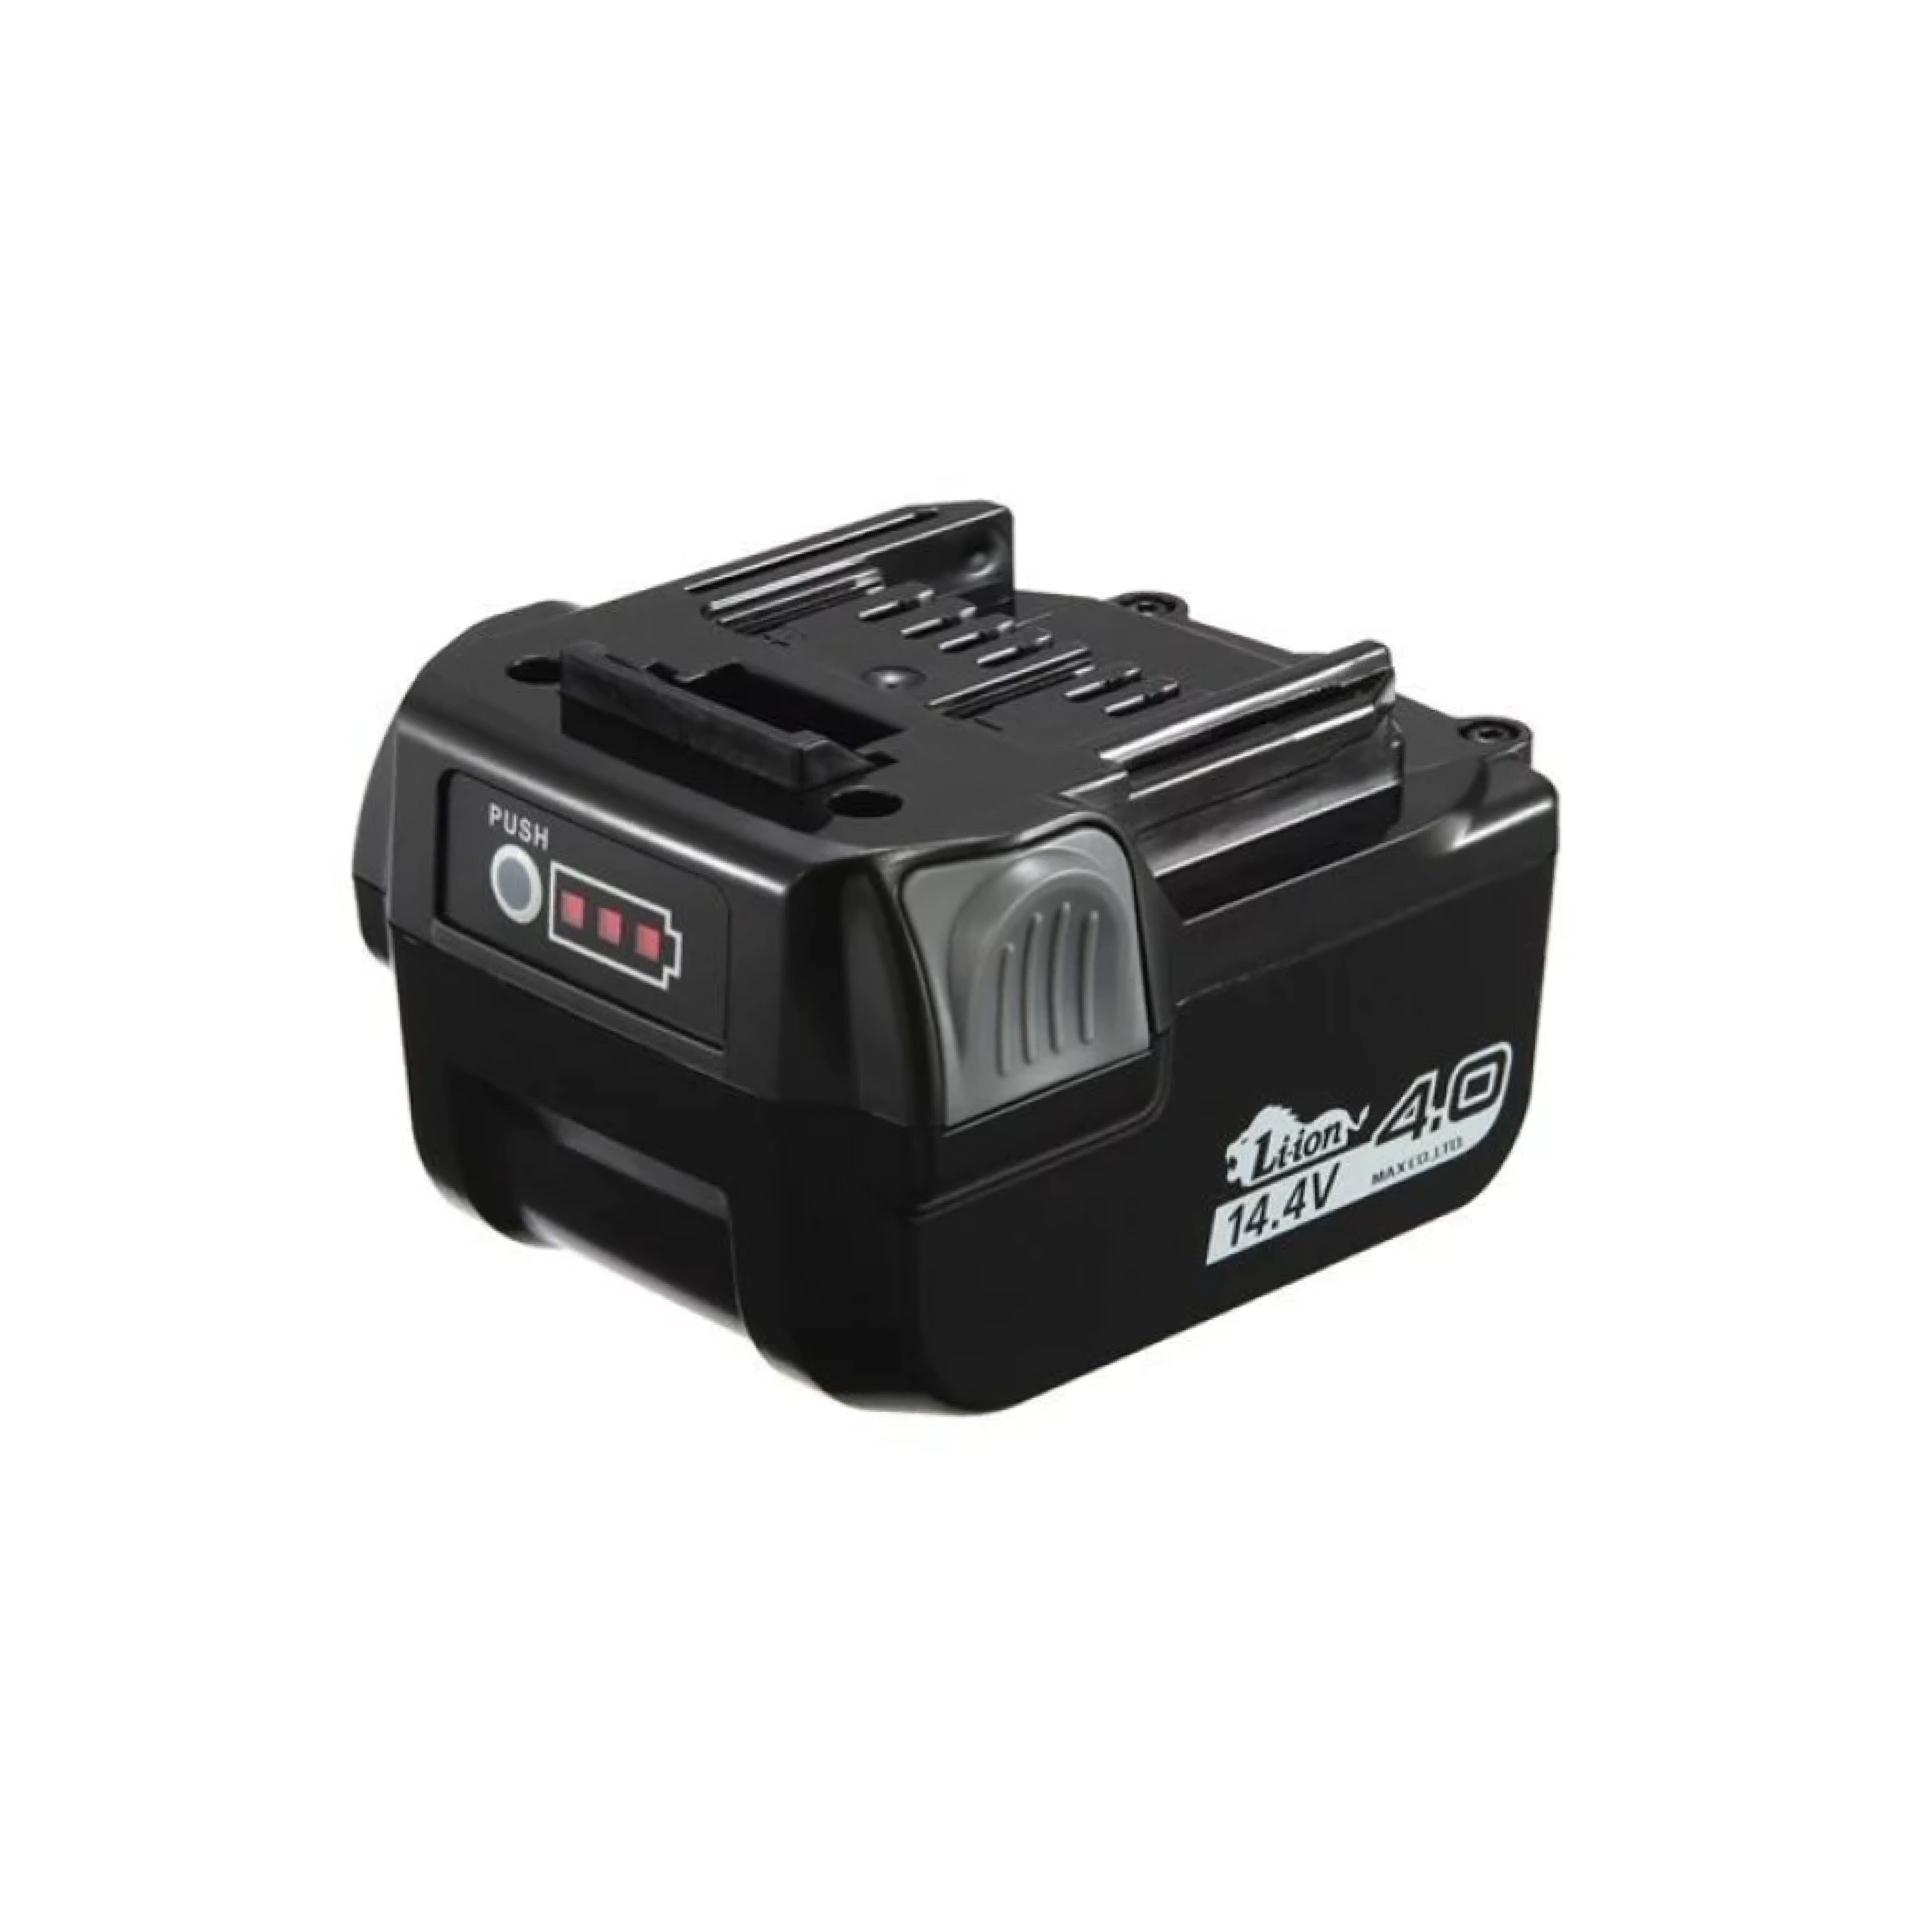 マックス(MAX)リチウムイオン電池 14.4V 4.0Ah RB-610T-B2C/1440A用